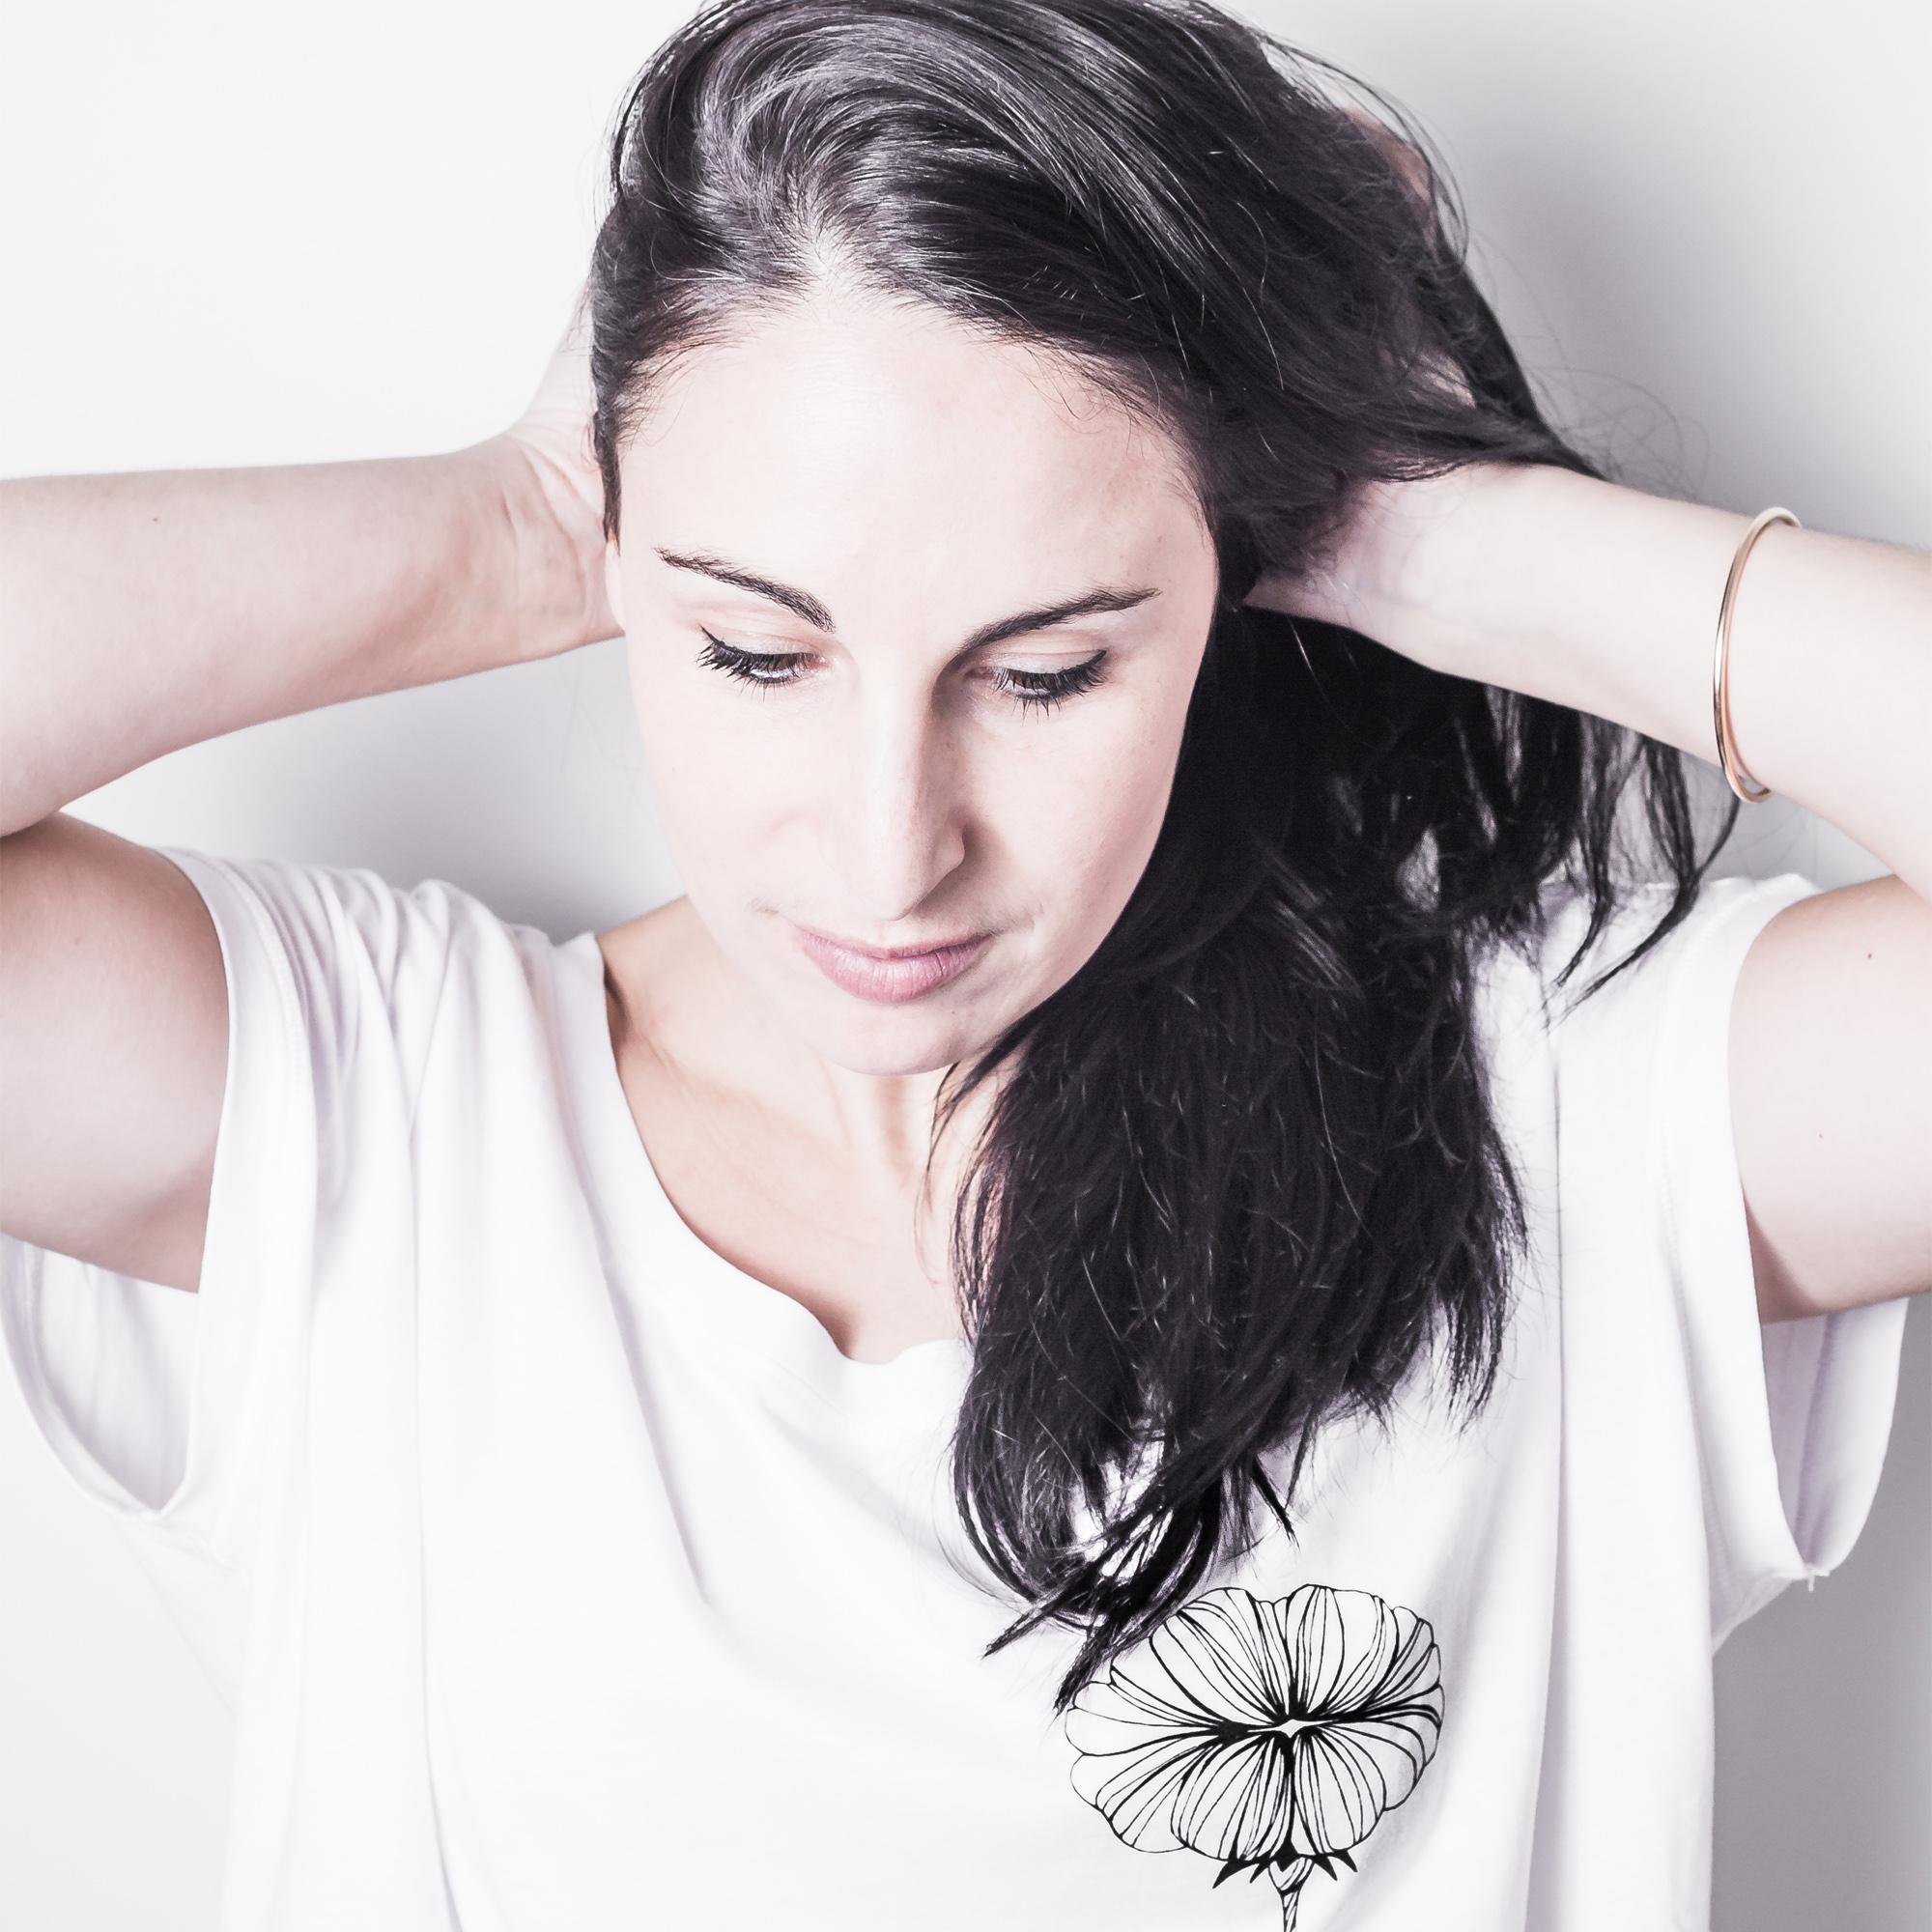 La creatrice de Silowane avec notre t-shirt Bouche